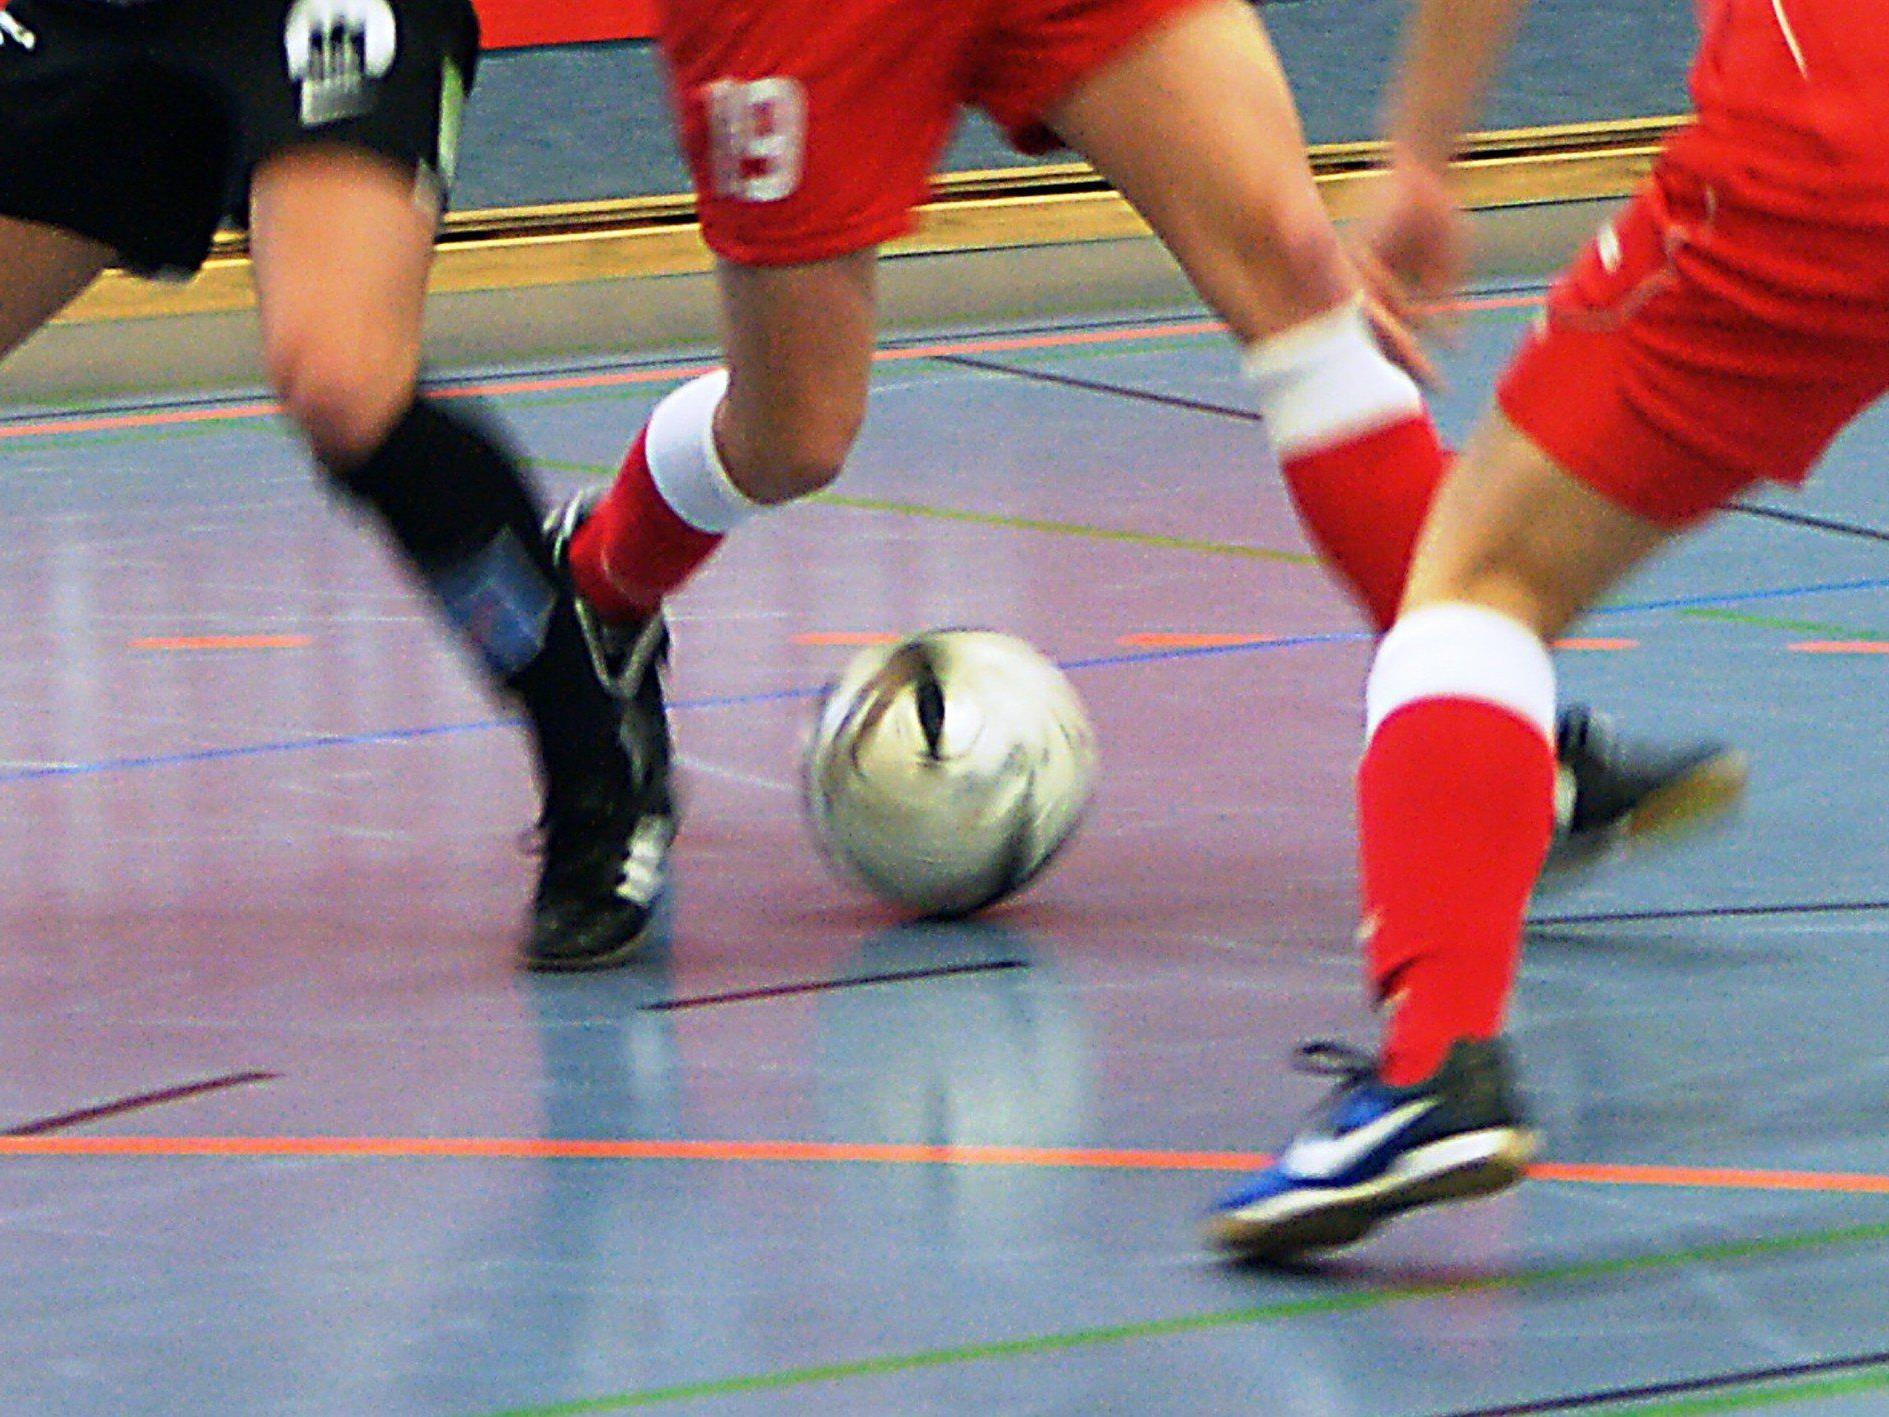 Am 16. Februar findet ein Hallenfußballturnier zugunsten von Emilian statt.